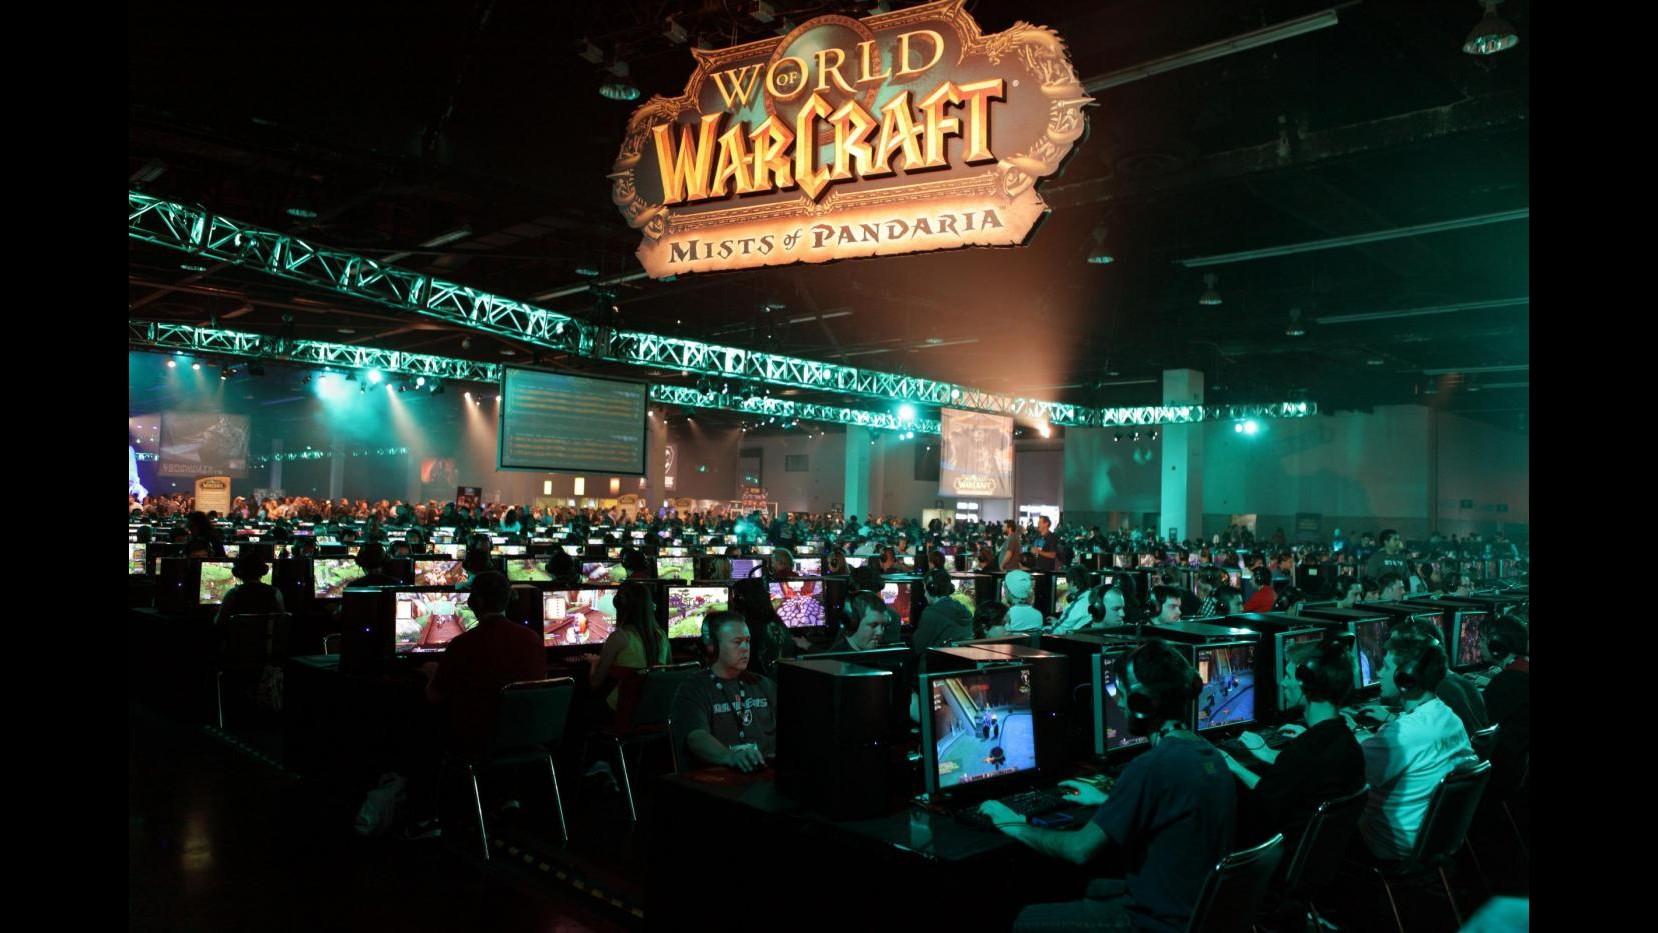 Caso Nsa, Nyt: Venivano spiati anche utenti di videogames online